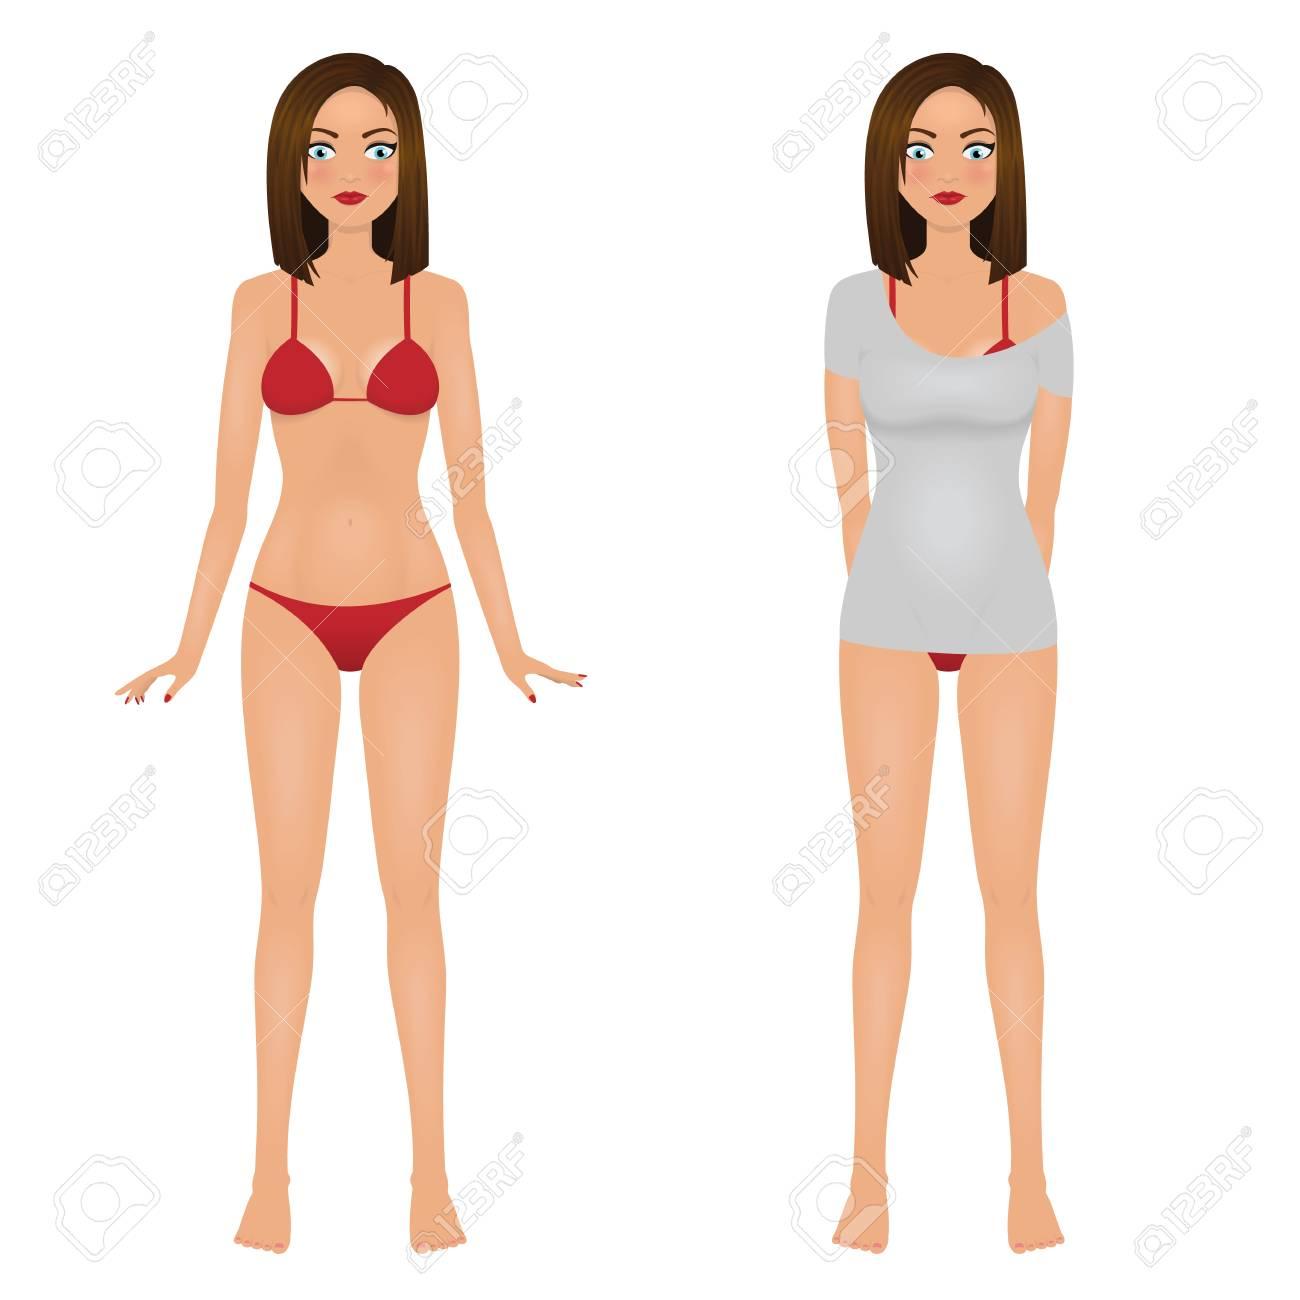 efd08ed21ff0 Chica sexy en bikini rojo y mujer joven en camiseta gris. Ilustración de  vector aislado